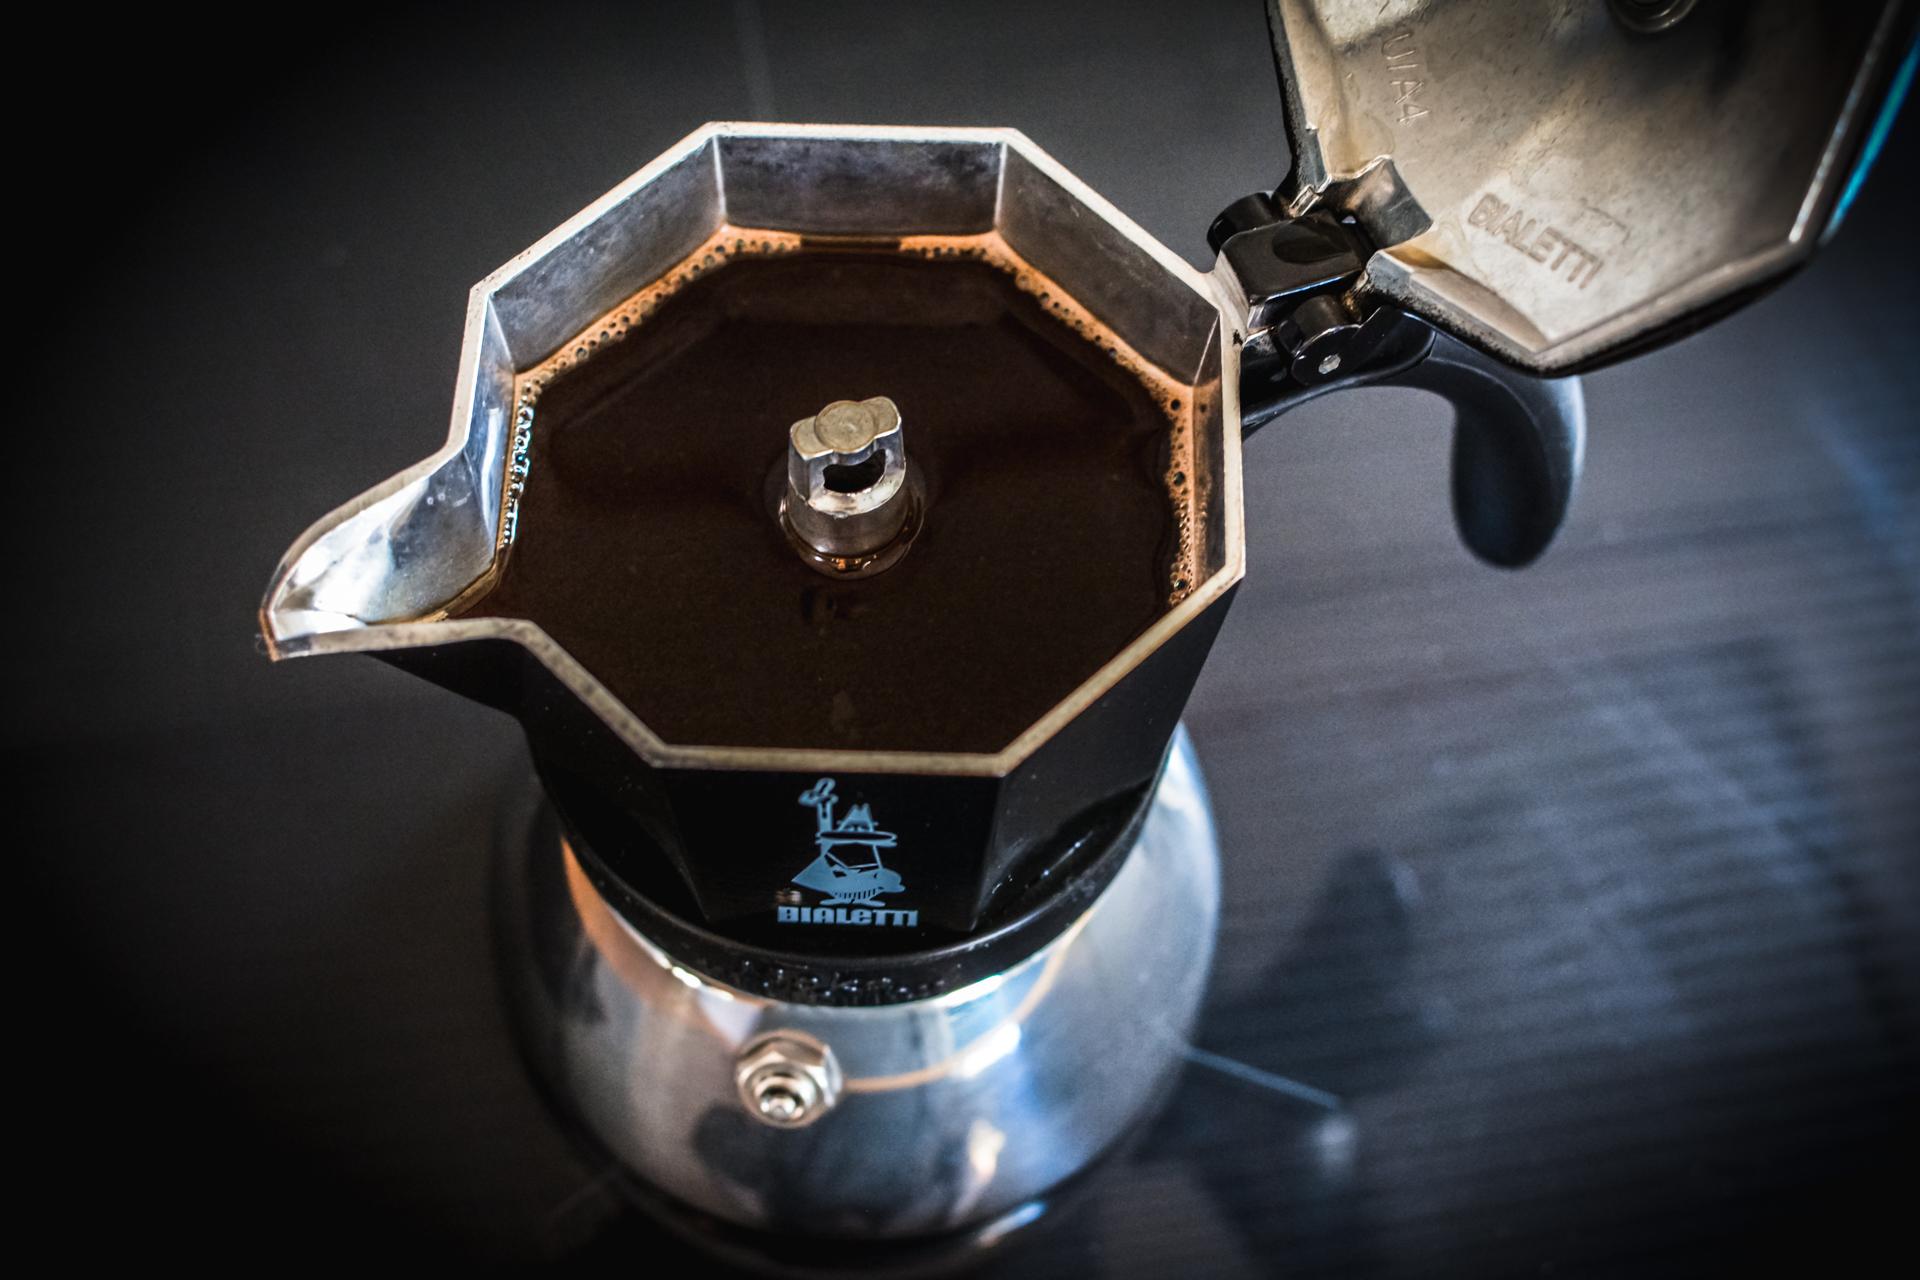 Zaparzanie kawy w kawiarce - espresso